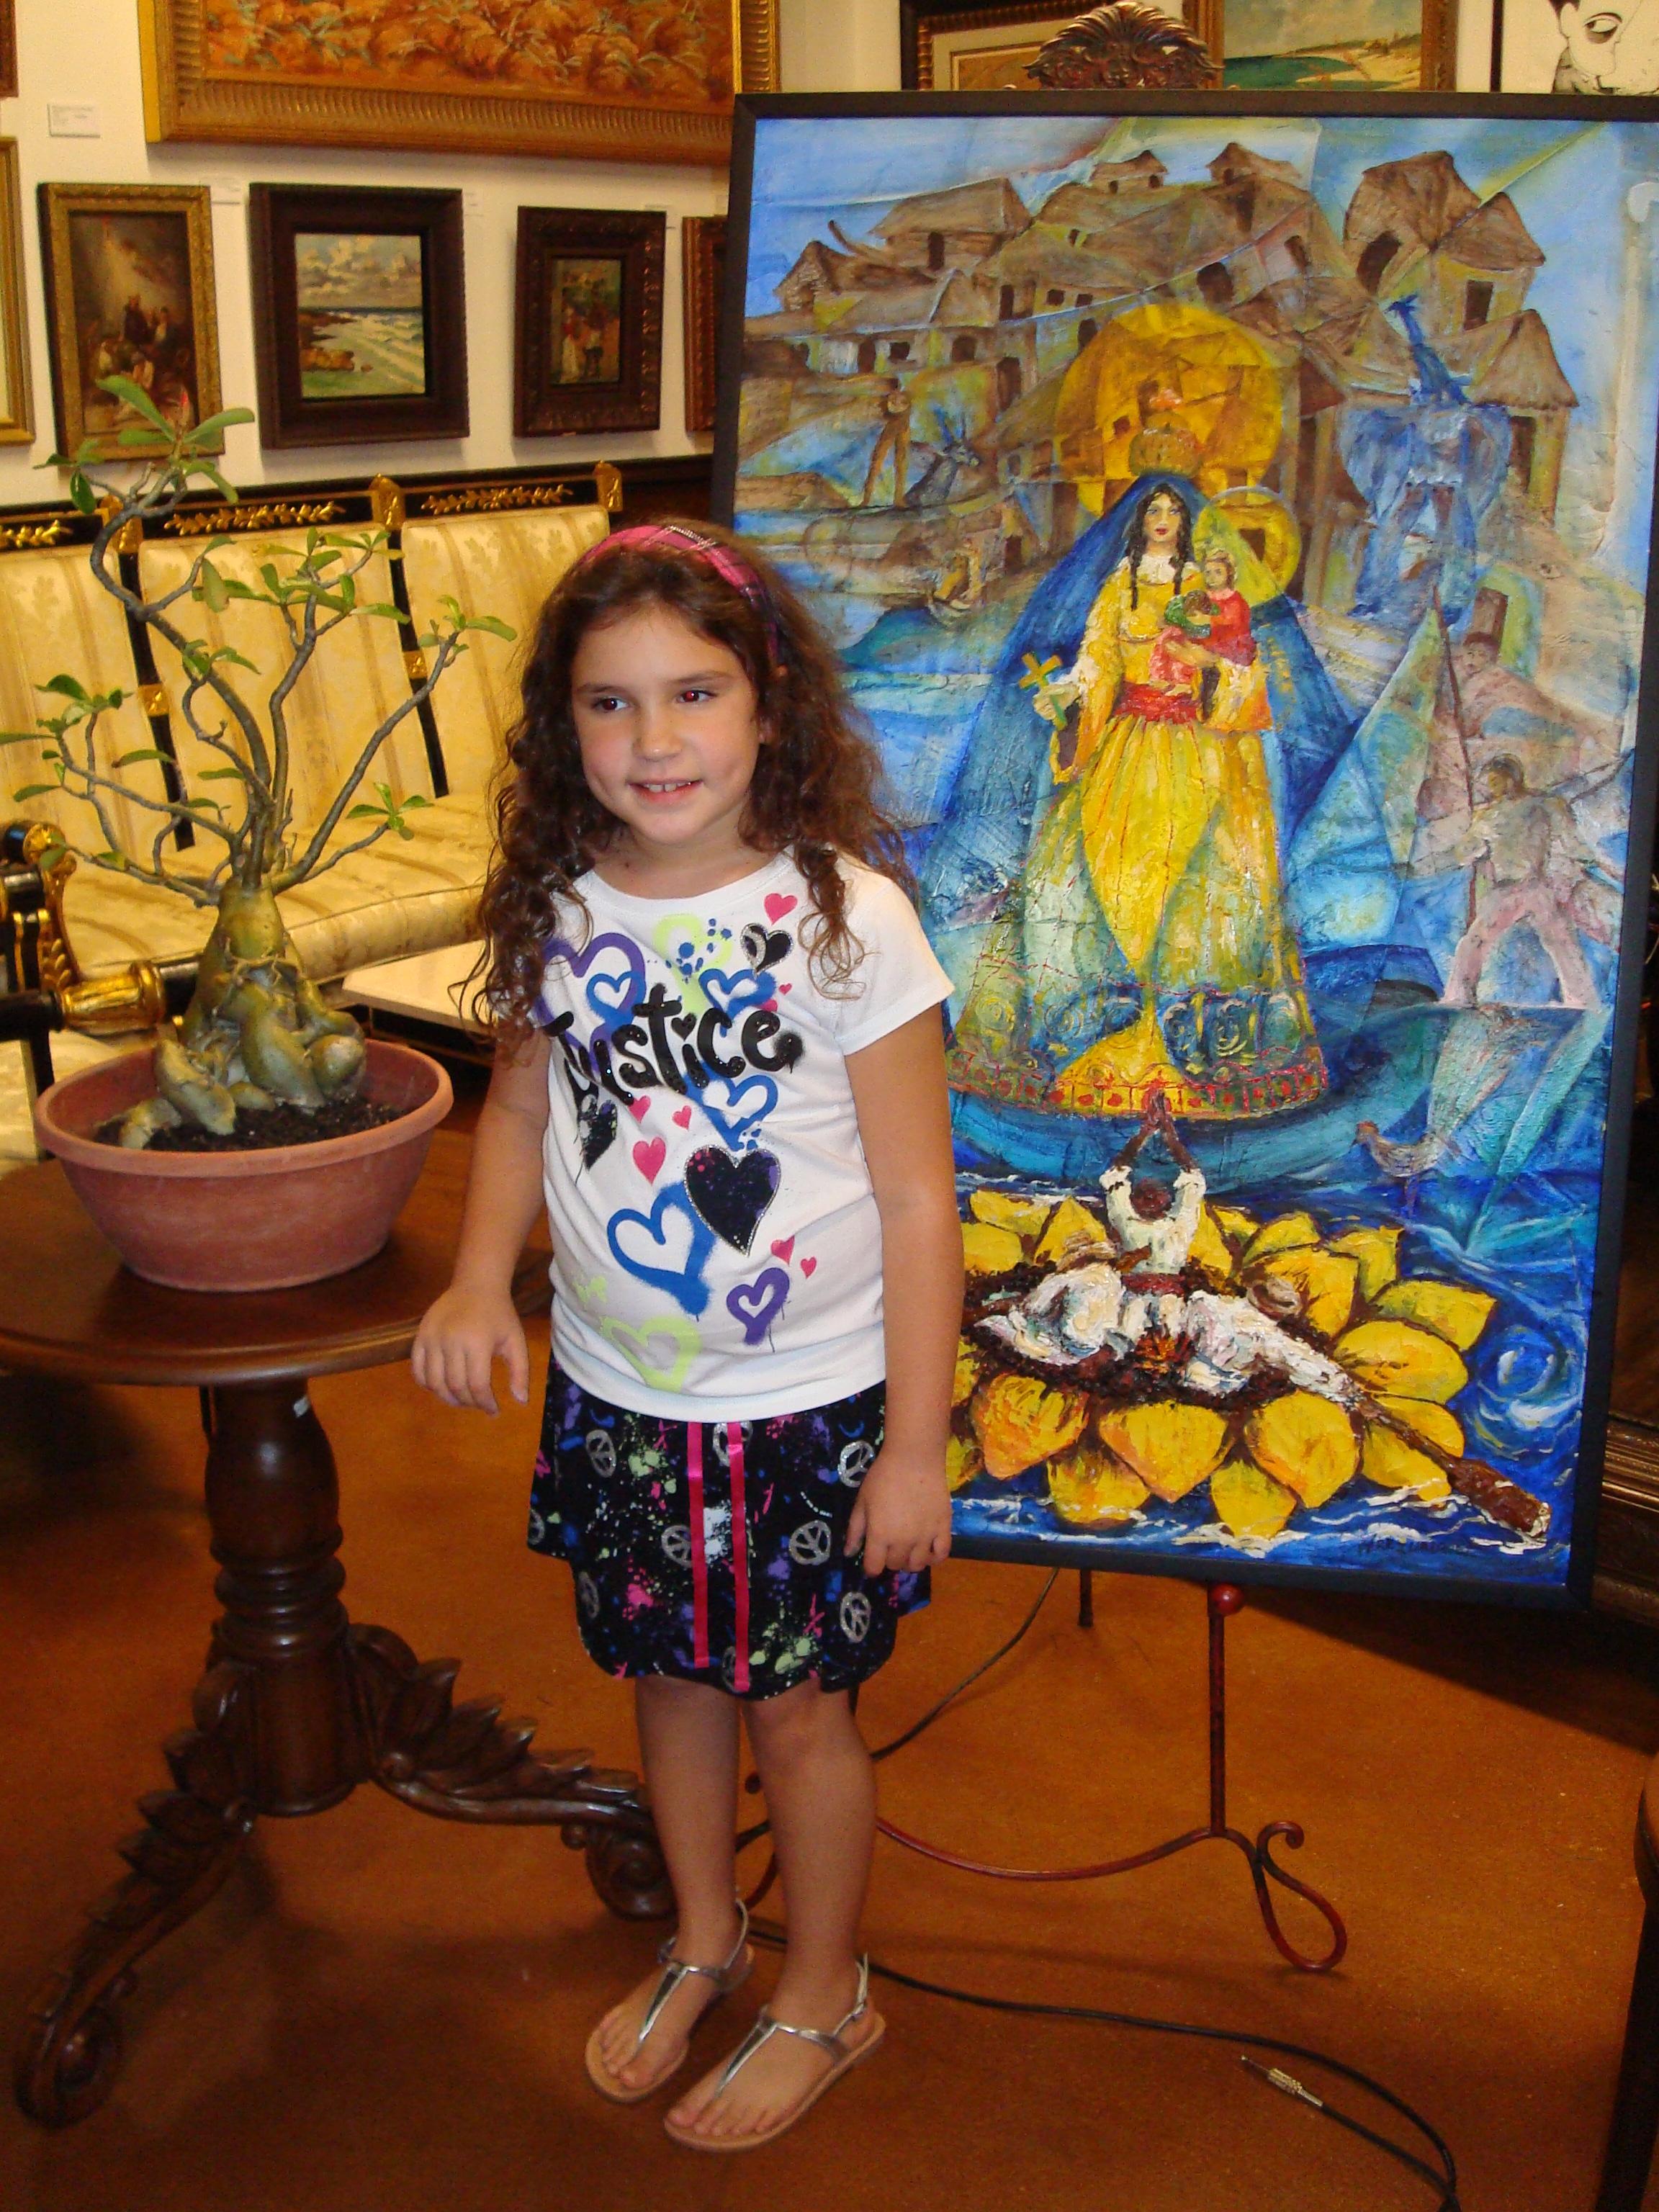 La niña Melisa Ortiz, con dos de los atributos del espectáculo. El cuadro de Ignacio Pérez Vázquez y el bonsái ficus, perteneciente a su padre Raúl, que originó el Premio de Aportes GÉNESIS.